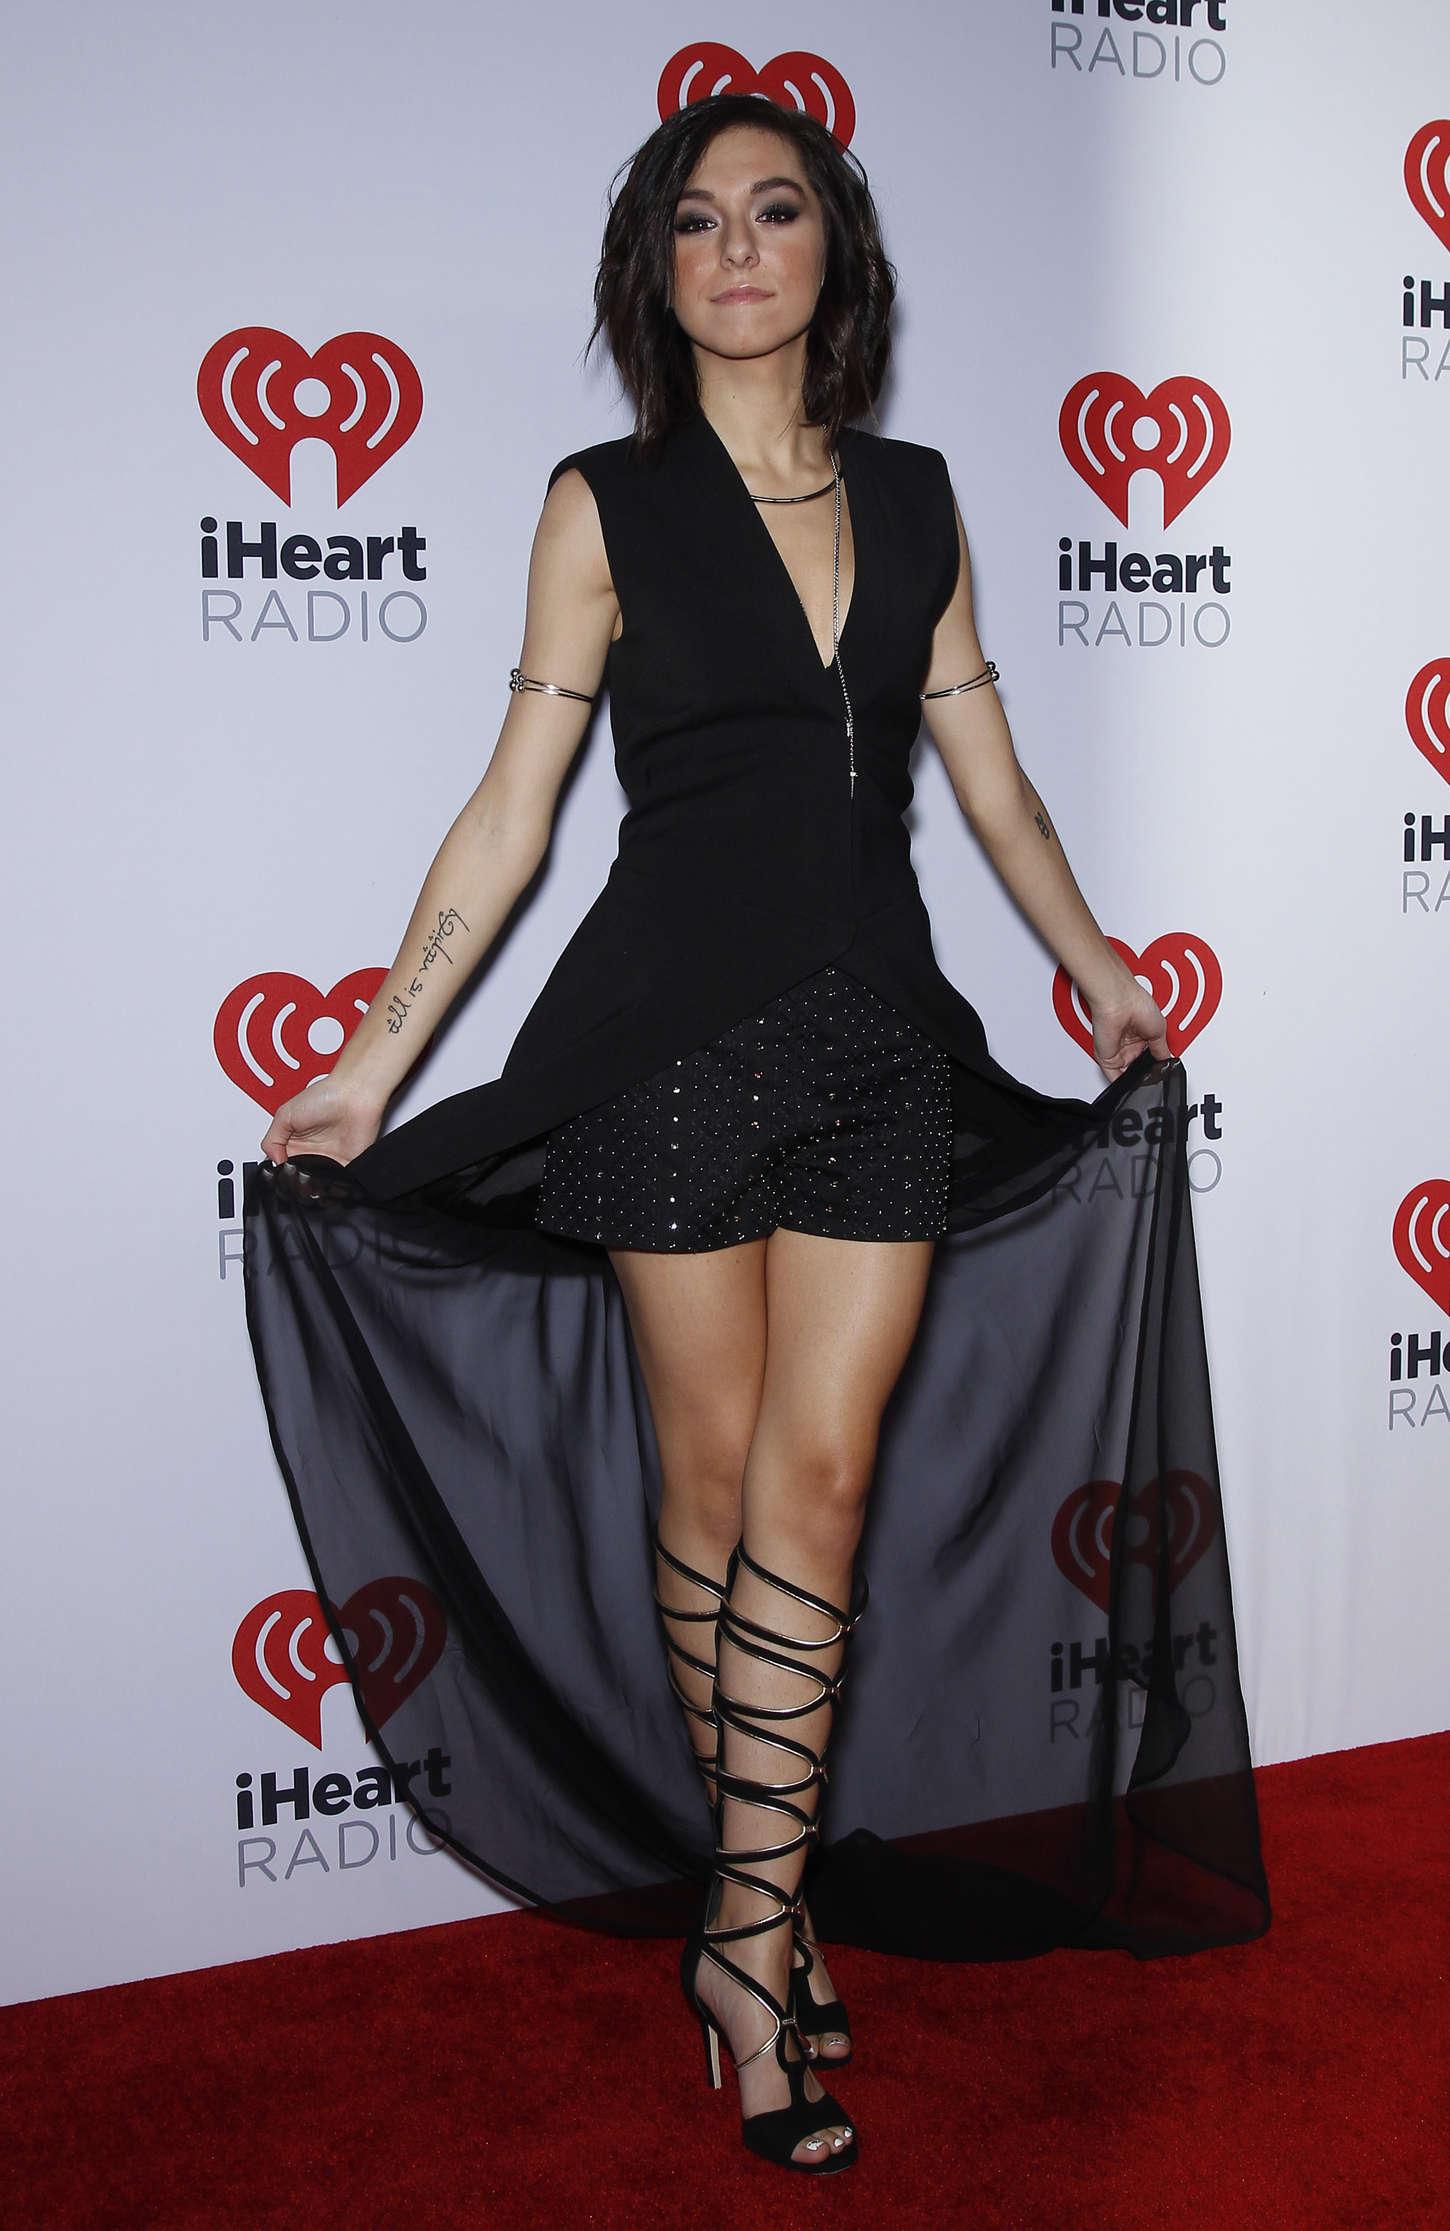 Perry Katy 2015 Las Vegas